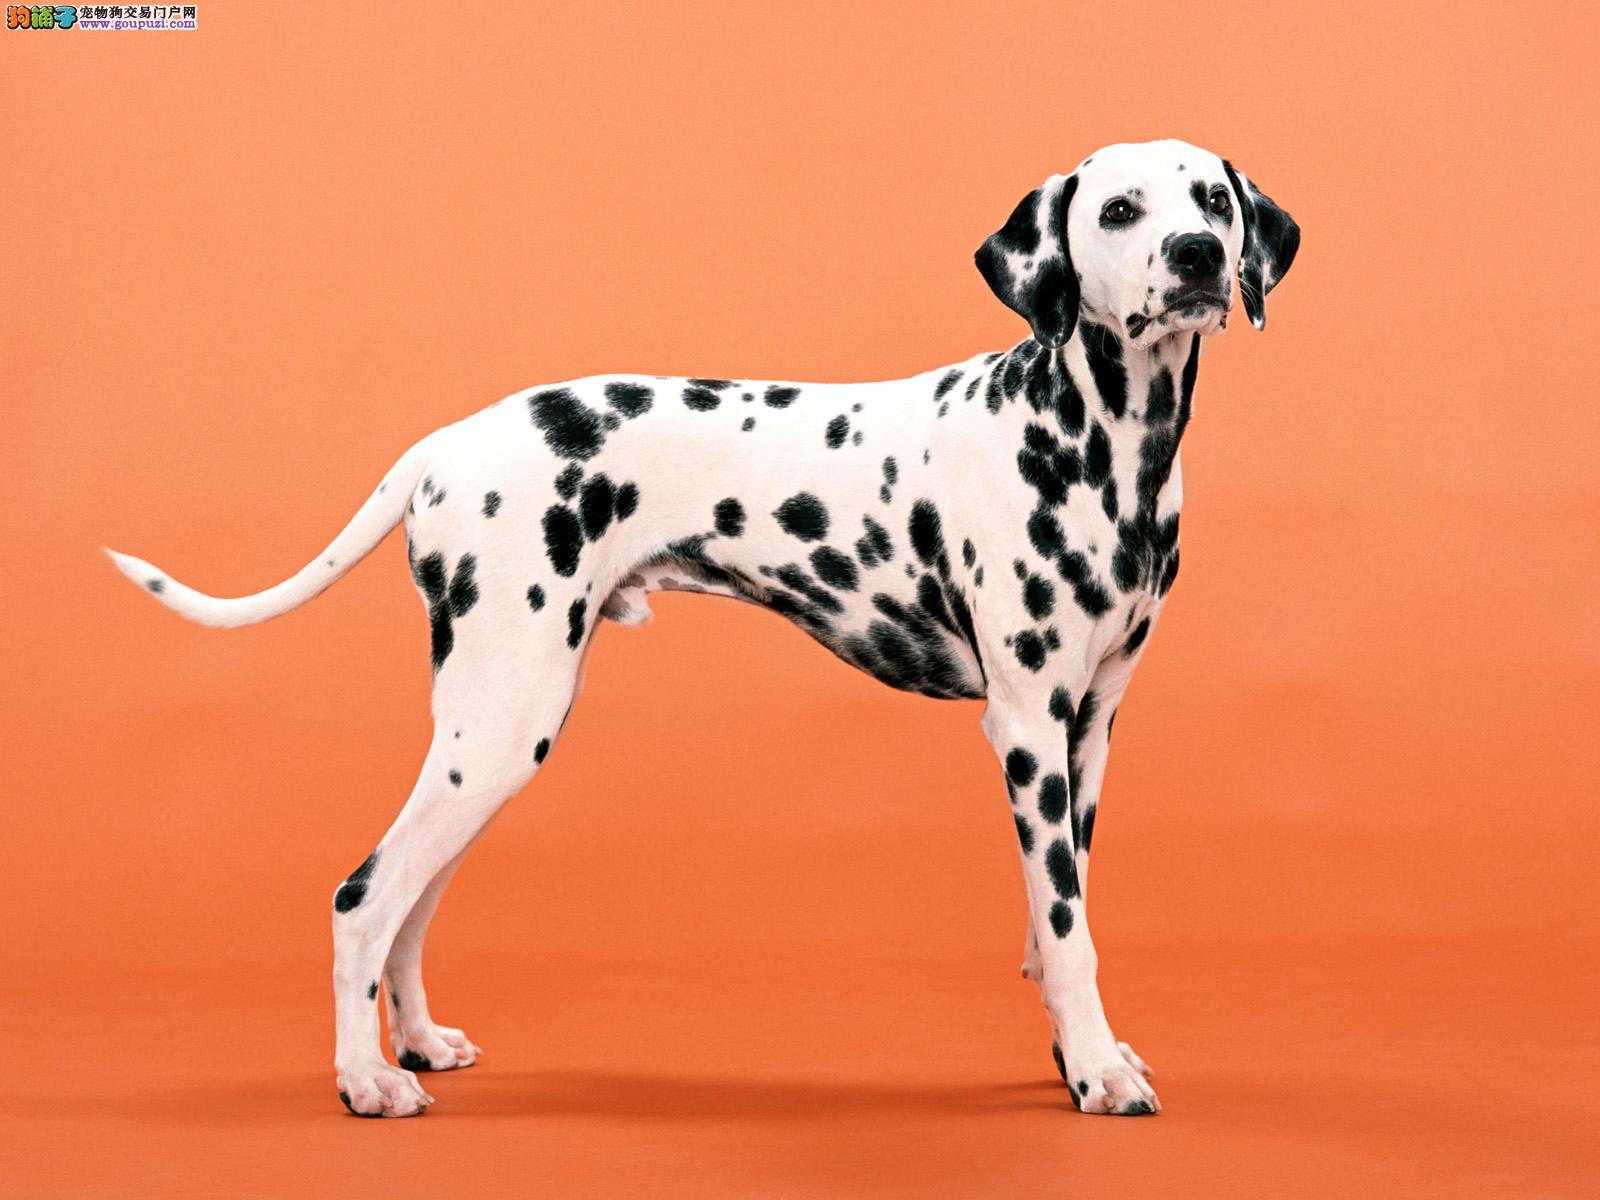 北京猛犬繁殖基地出售斑点宝宝,活泼可爱三个月